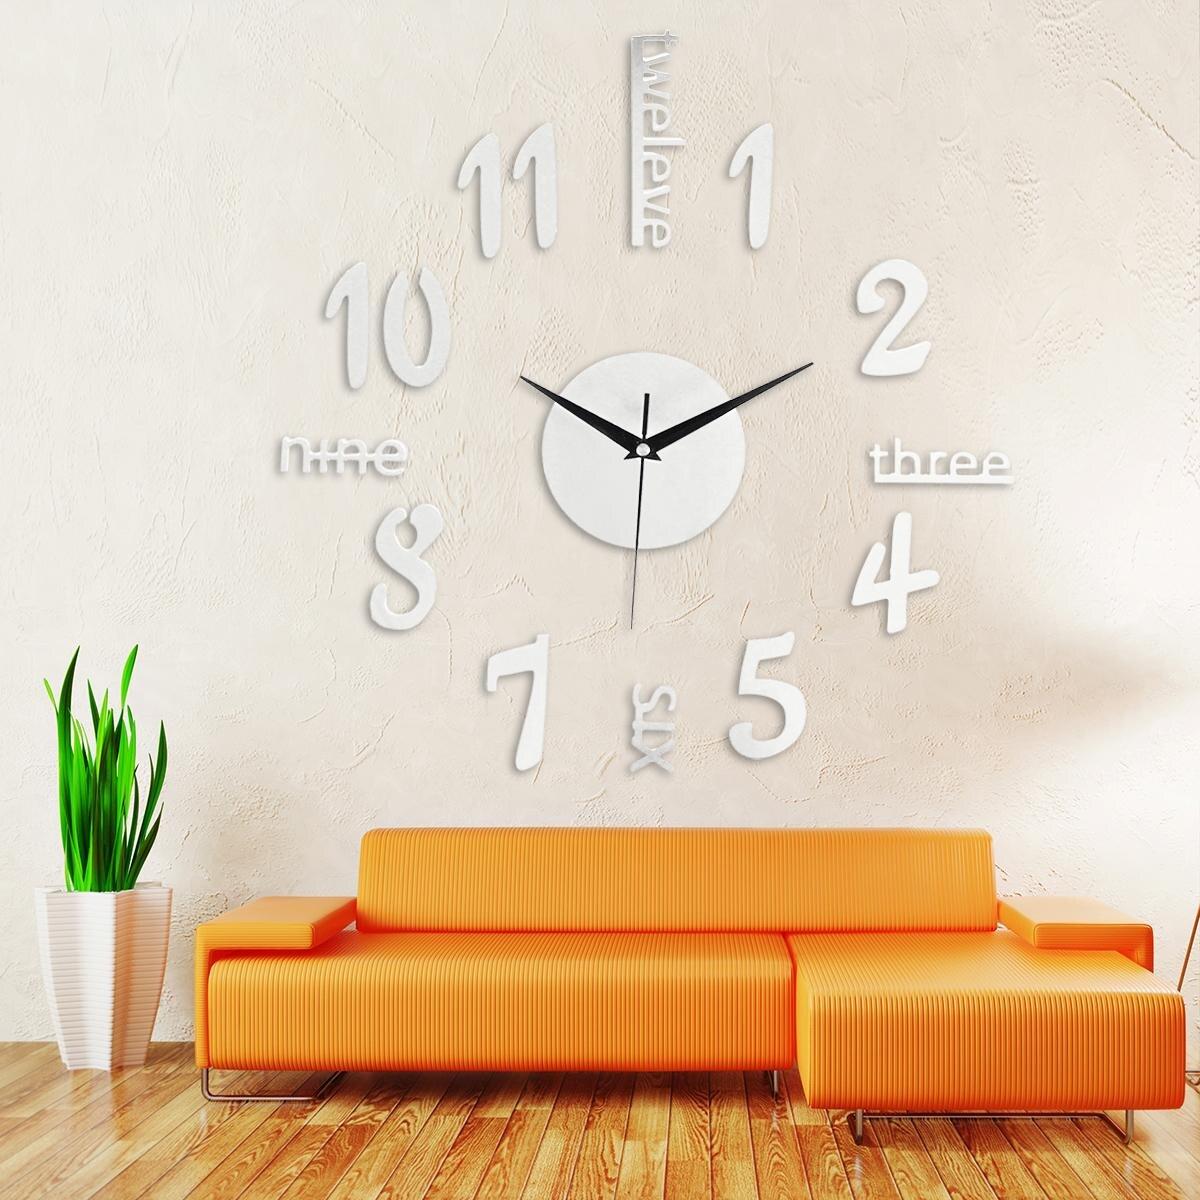 Kleine DIY Moderne 3D Dekorative Spiegel Acryl Wanduhr Dekoration Wohnzimmer  Aufkleber Uhr Uhren Decor Schwarz/gold/ Silber